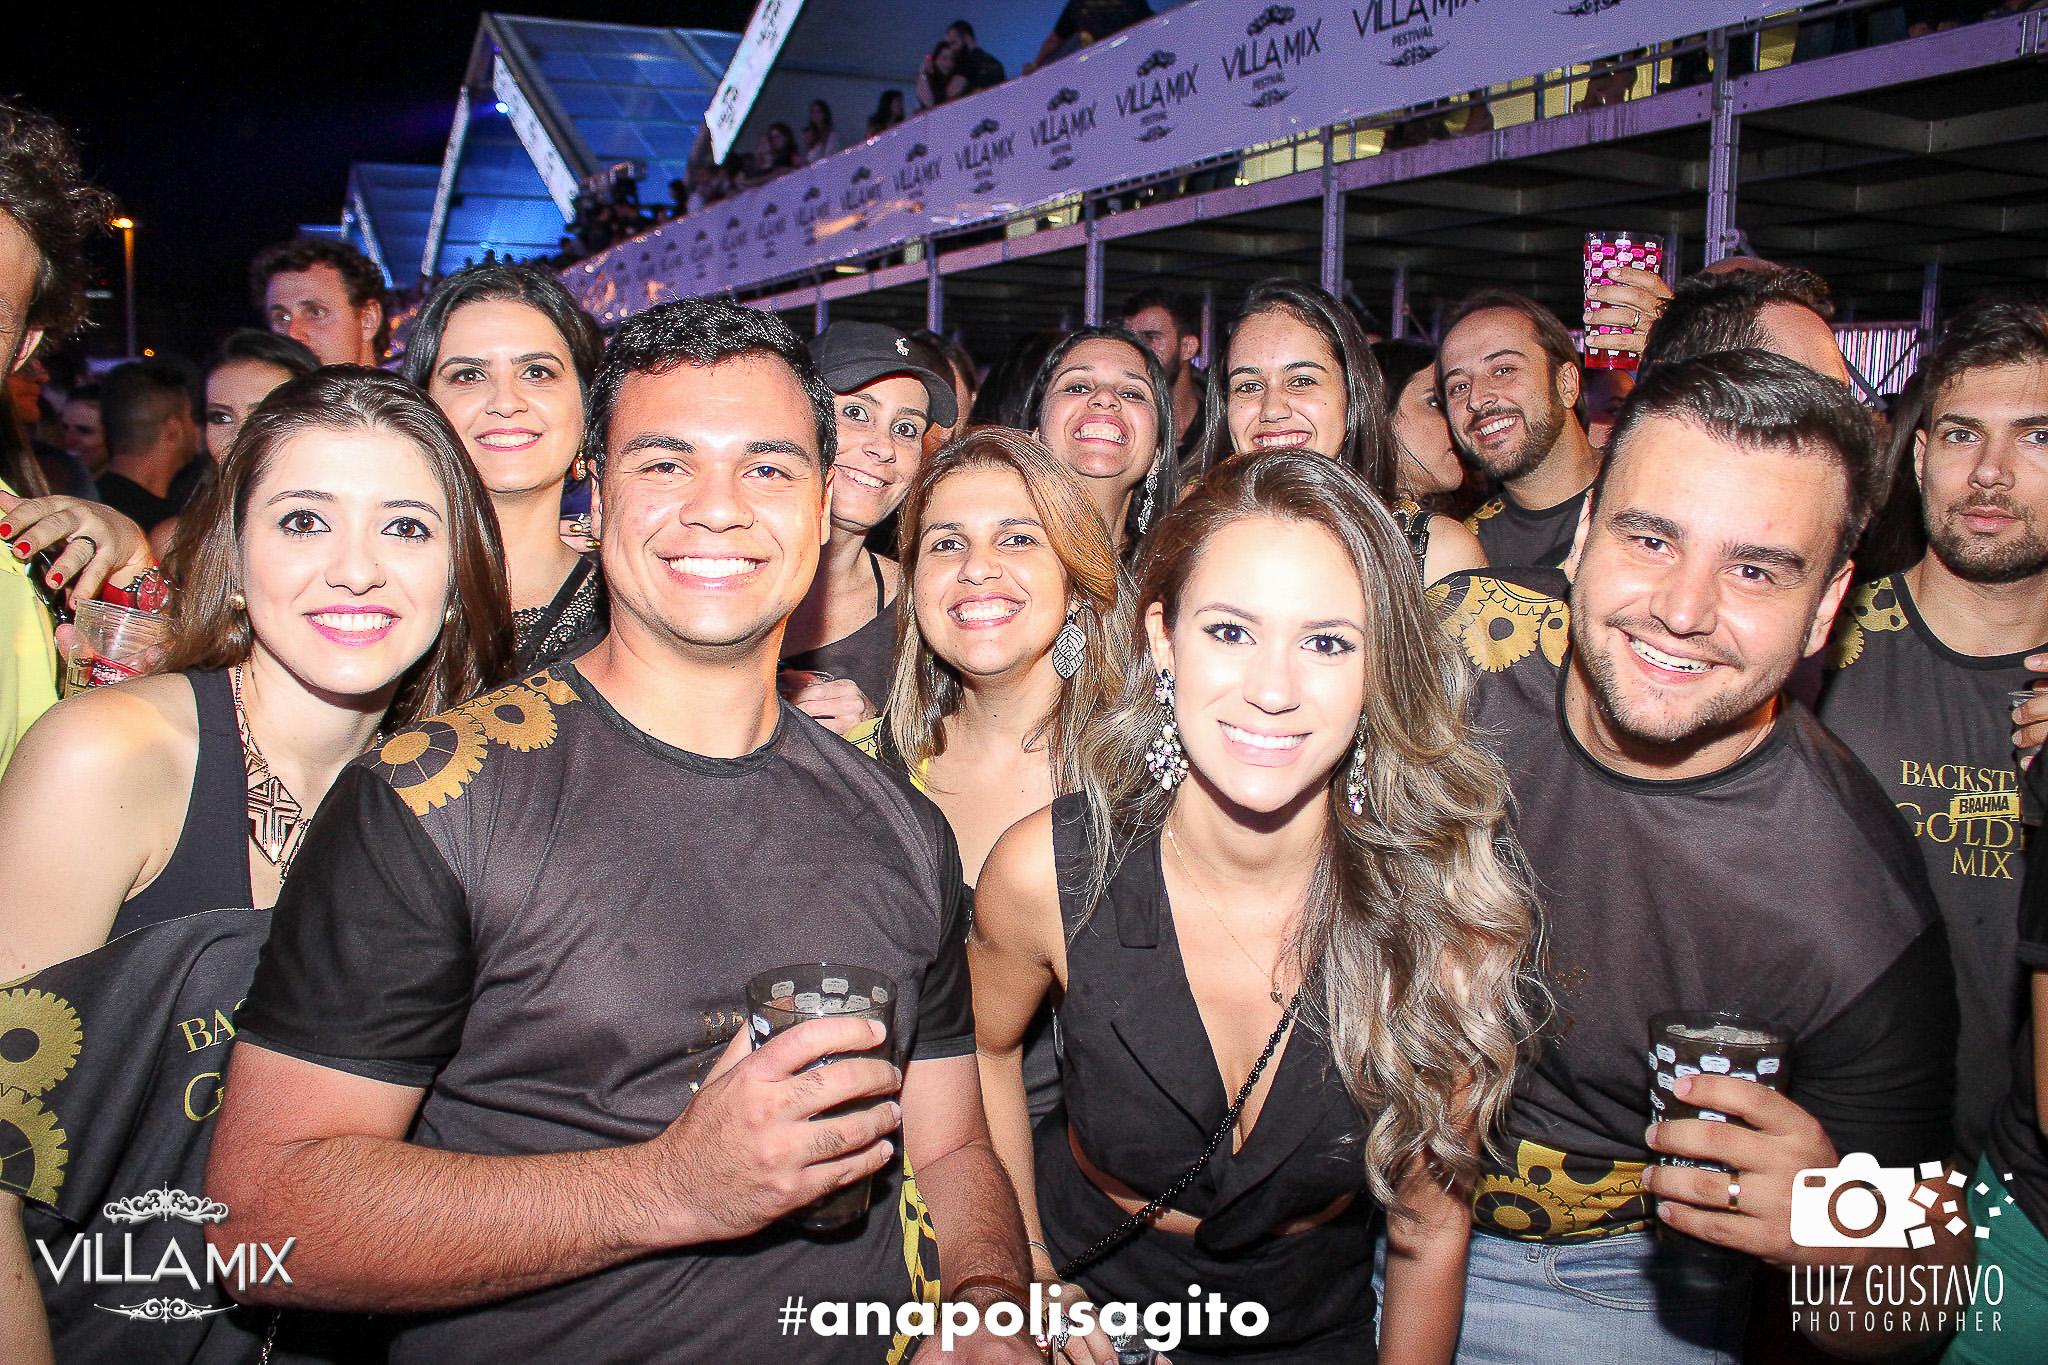 Luiz Gustavo Photographer (147 de 327)